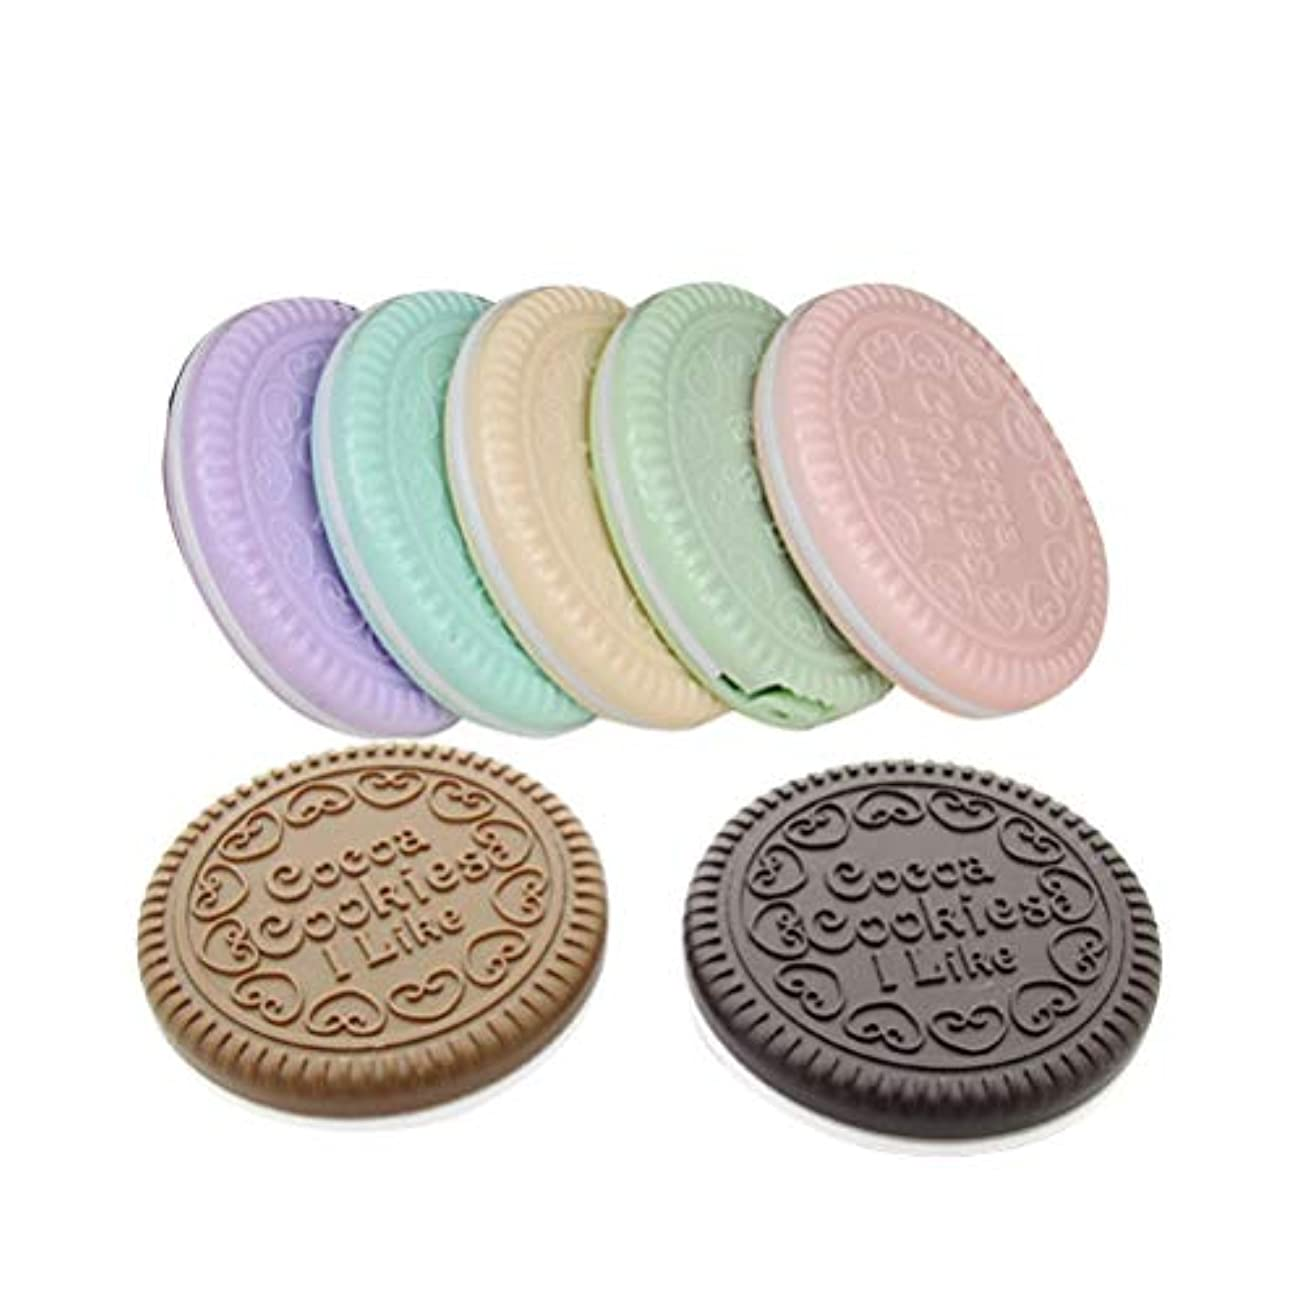 援助する代理人プレフィックスBeaupretty 7ピースチョコレートクッキーコンパクトミラーポータブル化粧鏡かわいい装飾ミラー用櫛女性女の子レディース